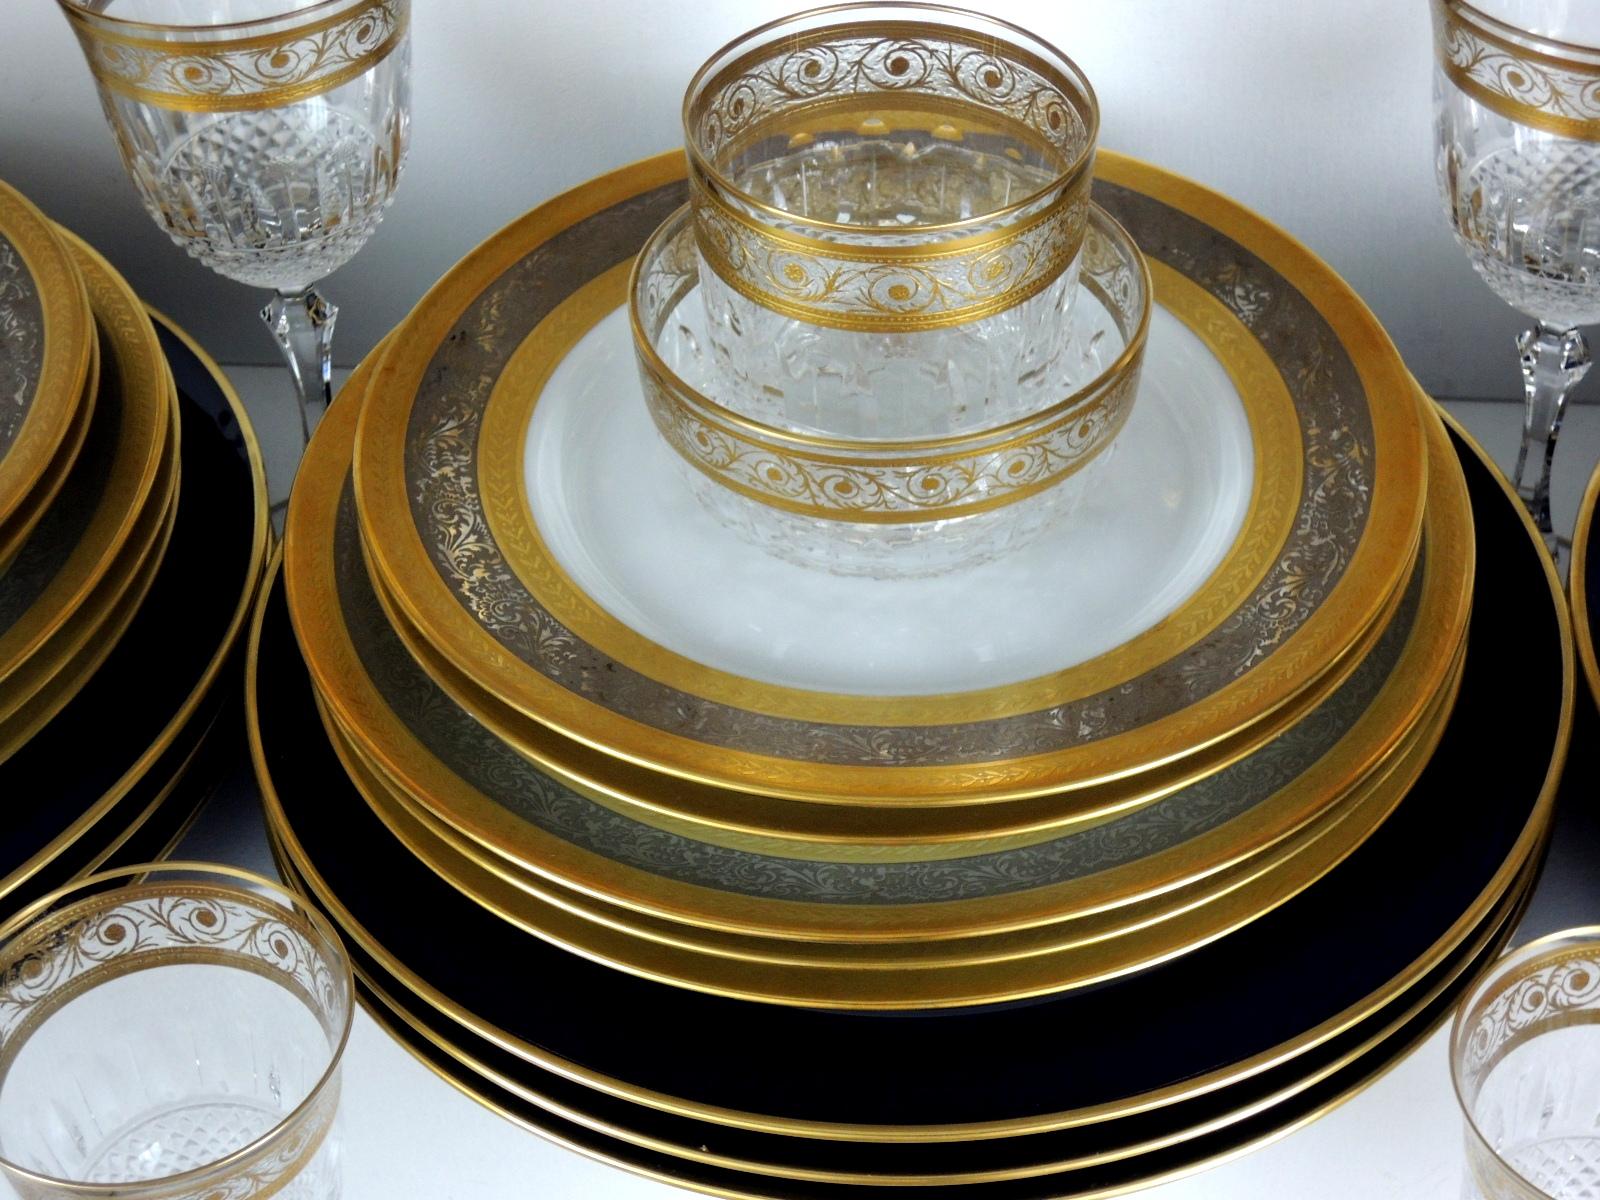 porcelaine de limoges cristal saint louis thistle. Black Bedroom Furniture Sets. Home Design Ideas